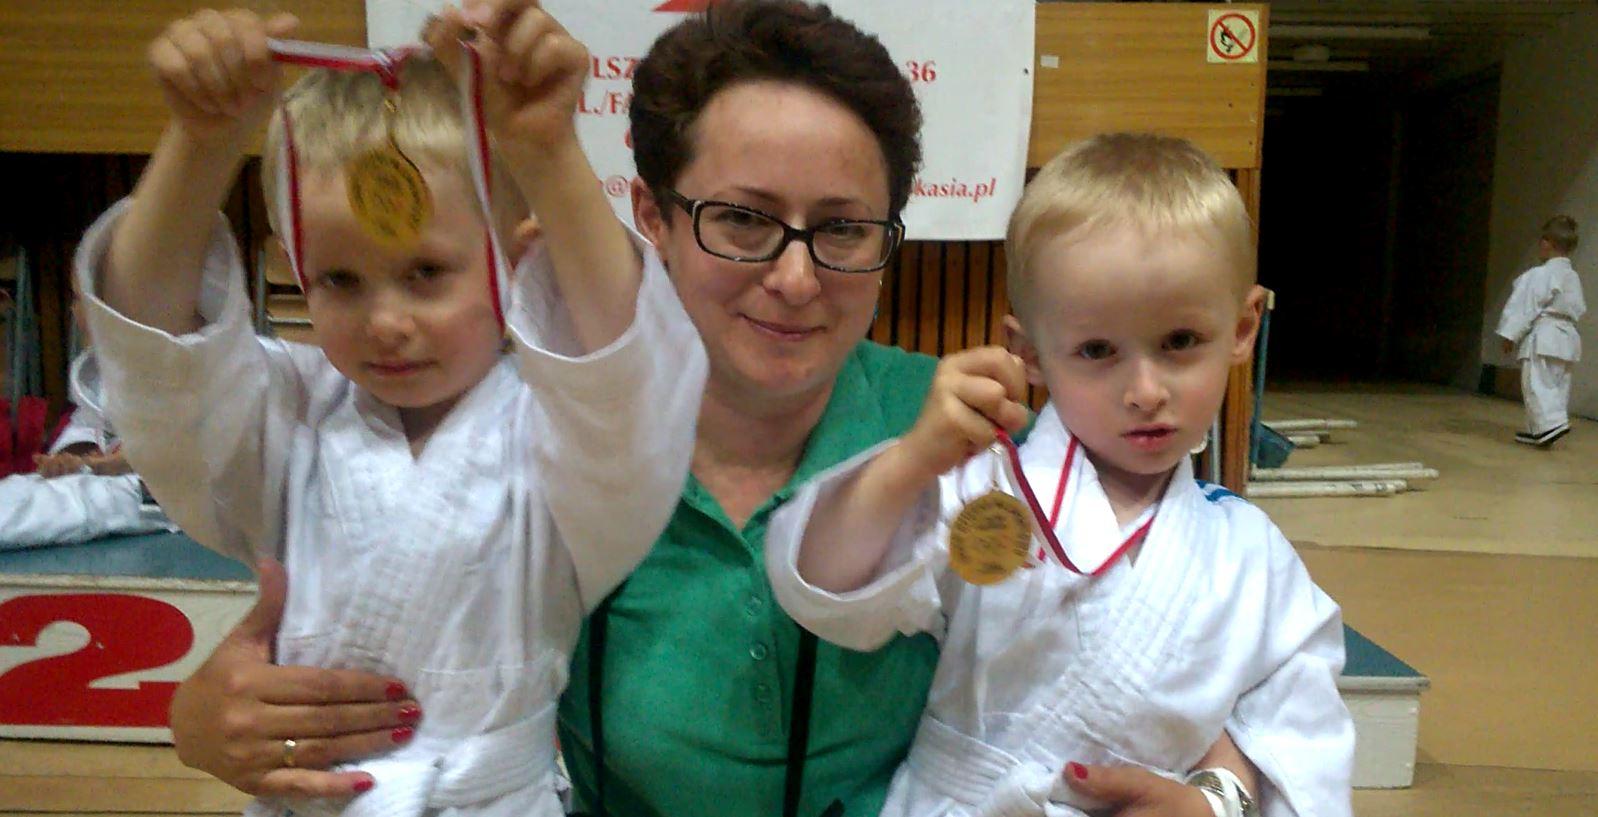 Myślę, że załapią bakcyla. Jestem z nich bardzo dumna! Ania z Olsztyna